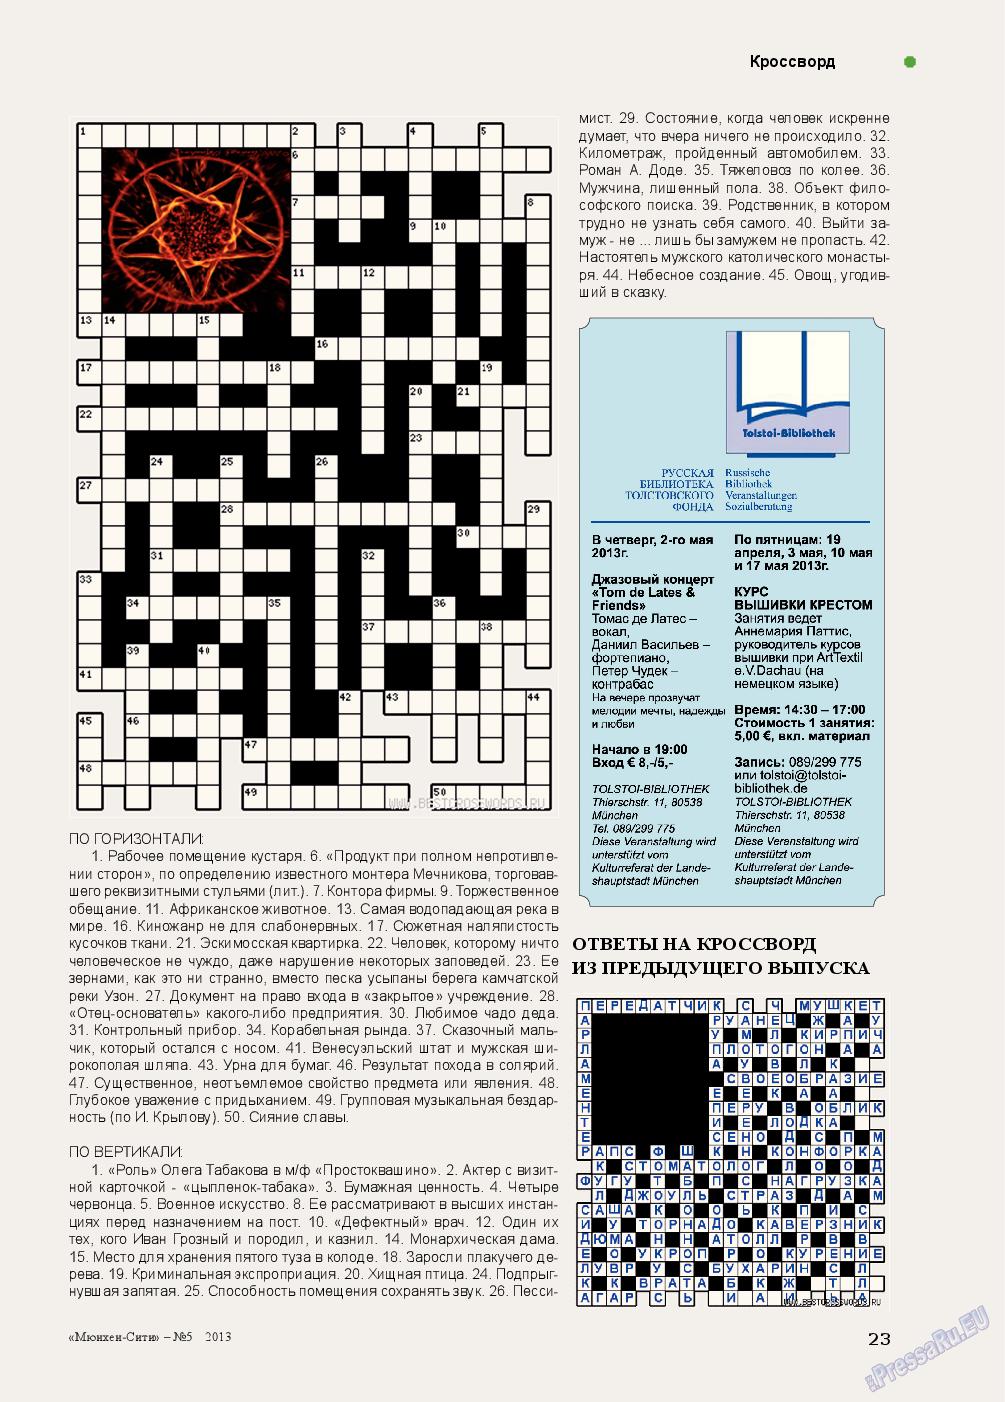 Мюнхен-сити (журнал). 2013 год, номер 5, стр. 23